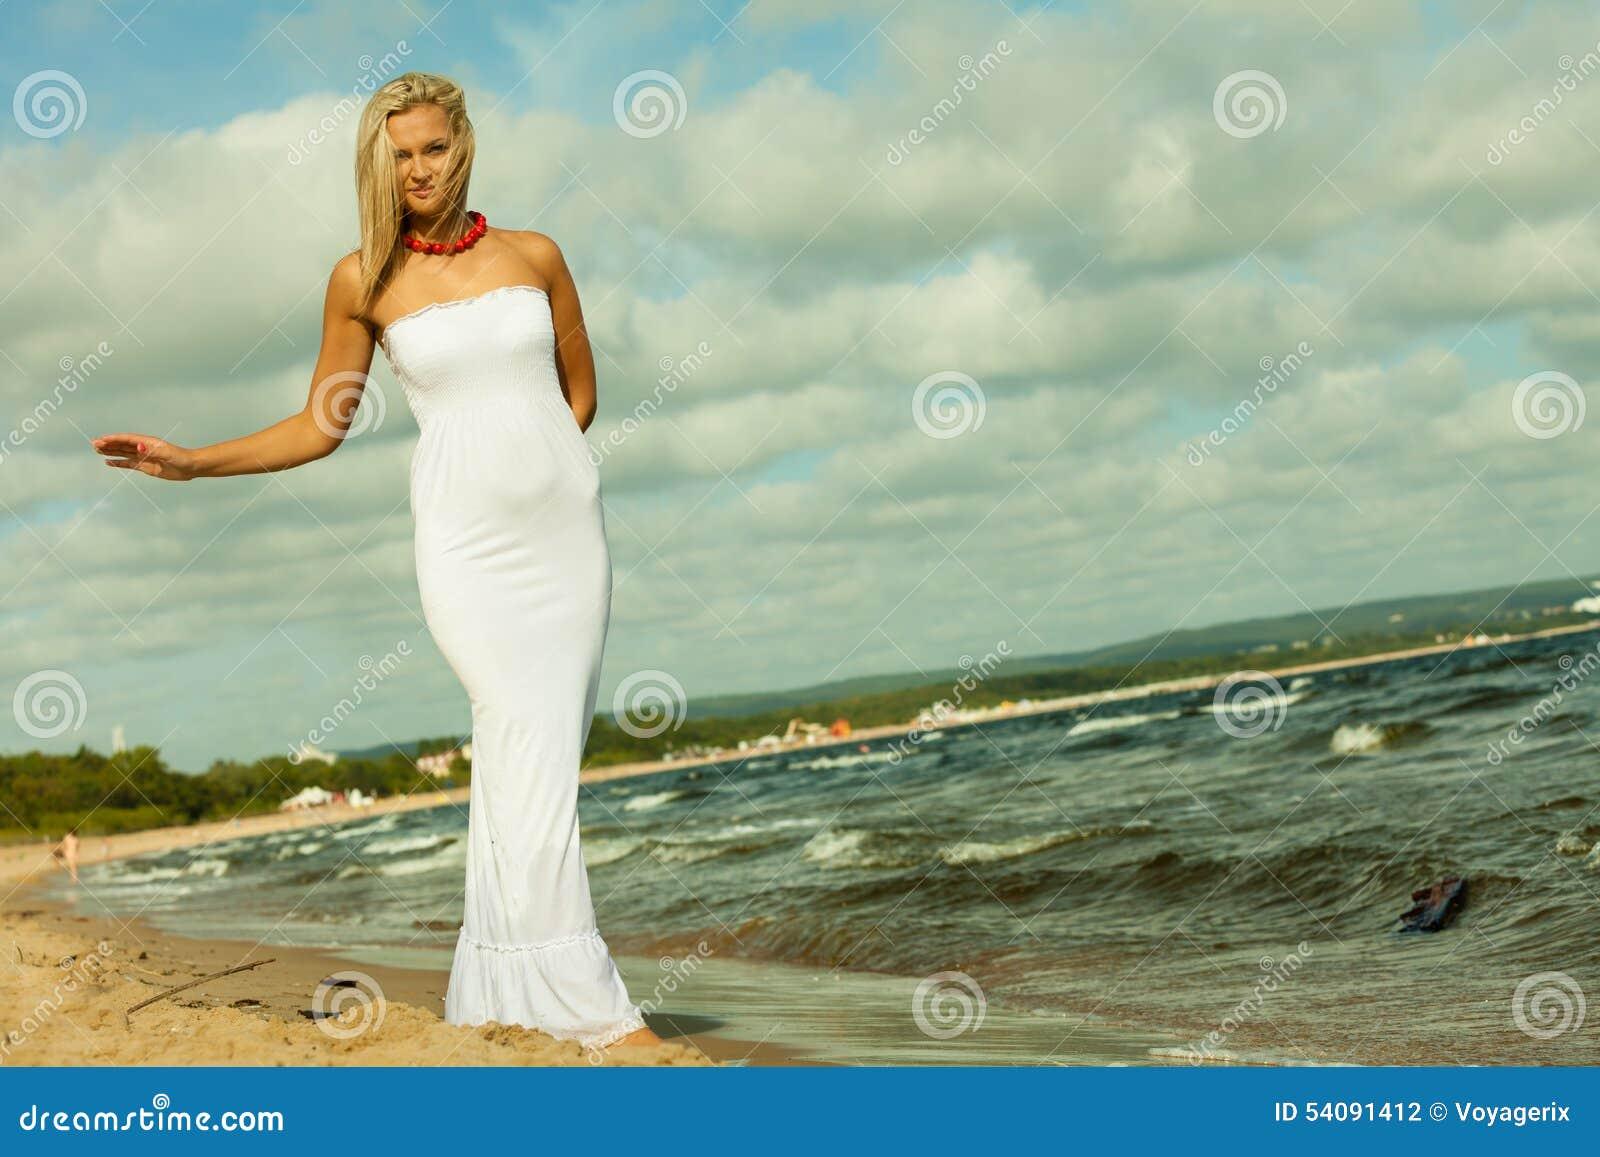 Mooi blondemeisje op strand, zomer